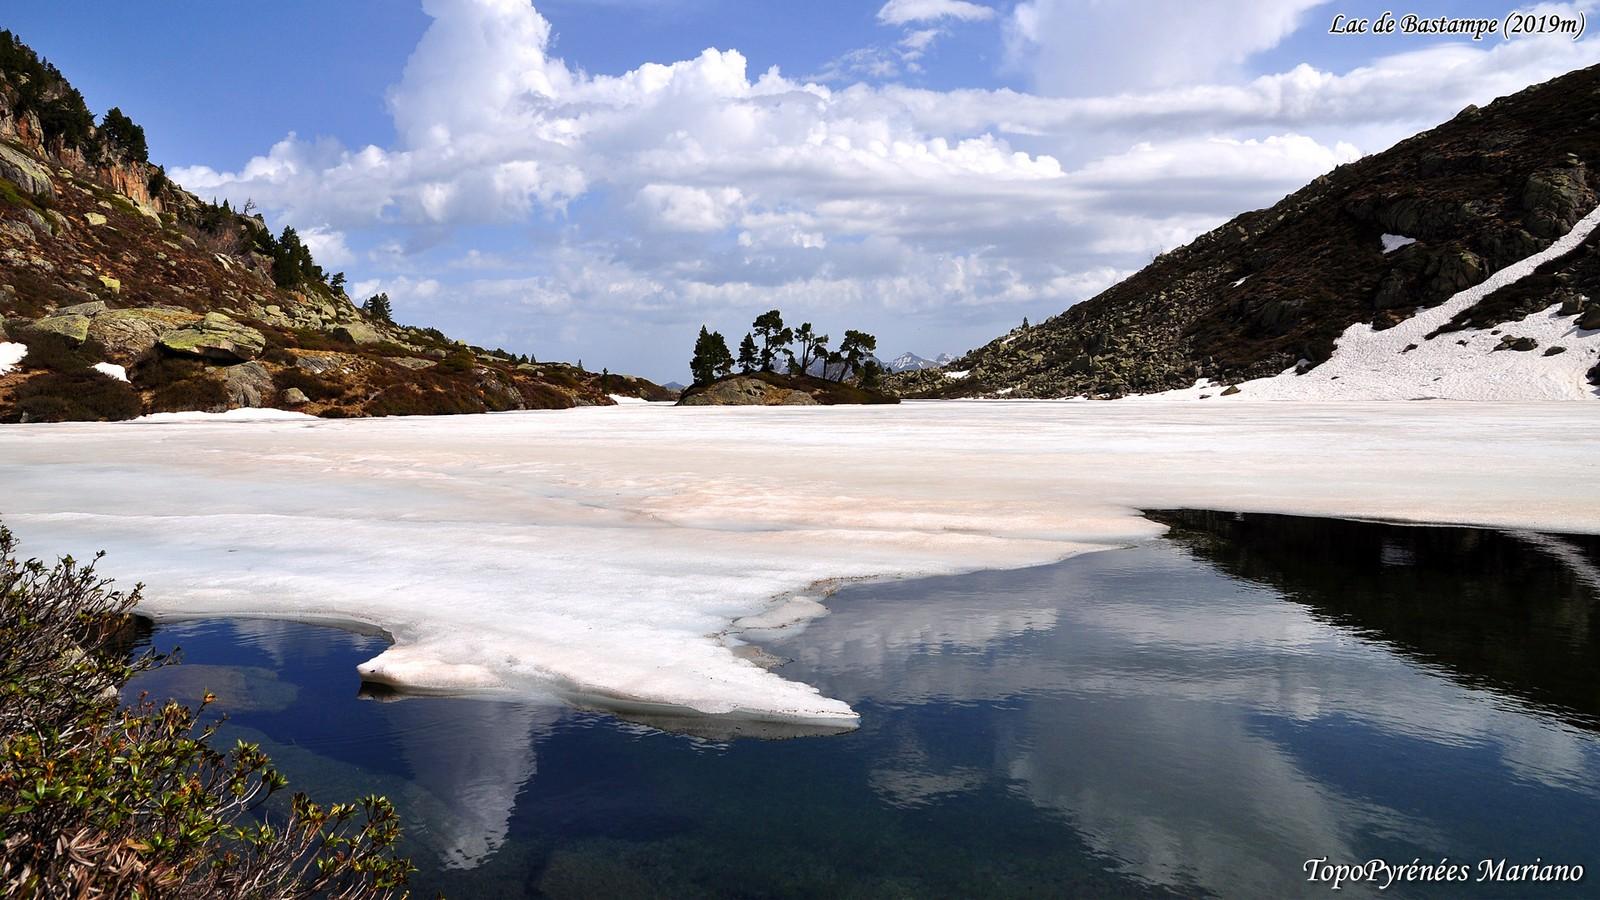 Les-Lacs-des-Pyrenees_099